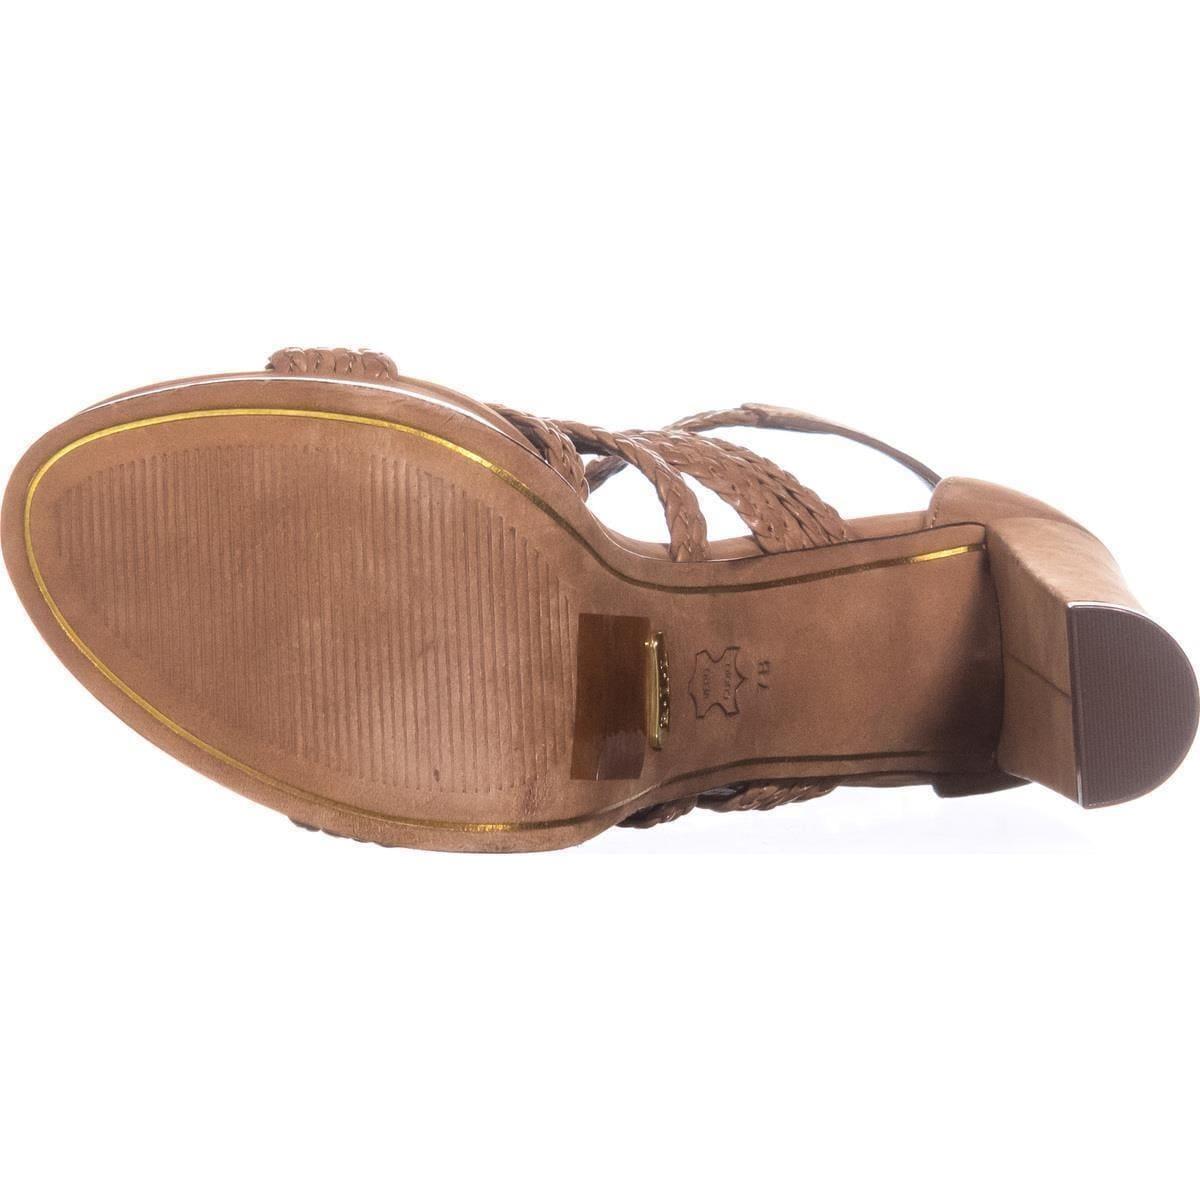 5d8ad7dafea Shop Lauren by Ralph Lauren Aleena Platform Sandals